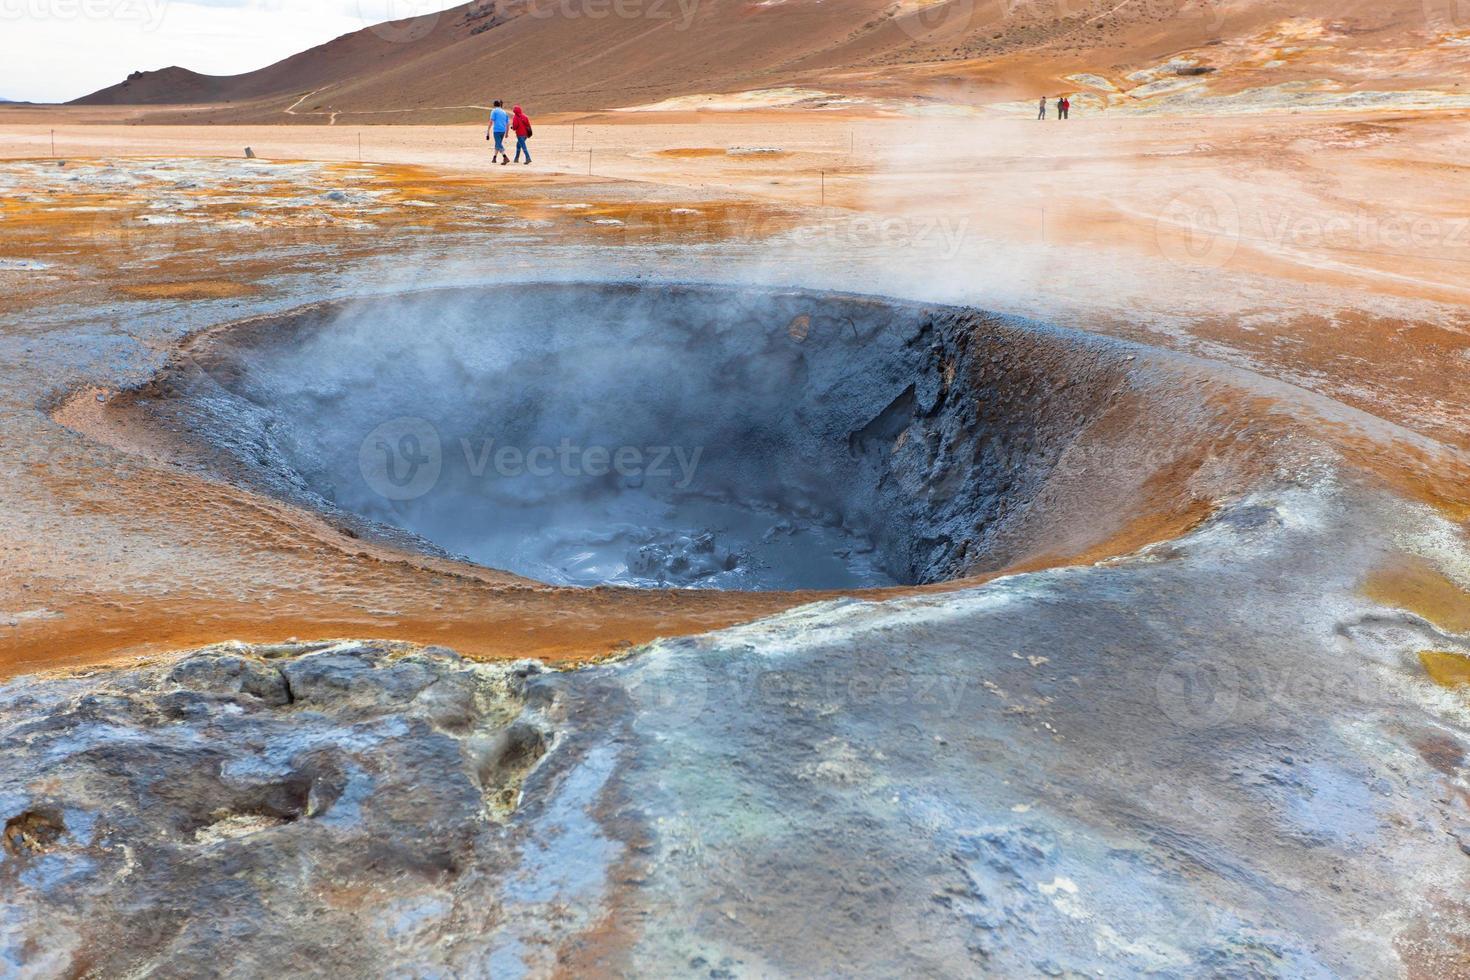 fanghi caldi nell'area geotermica hverir, islanda foto